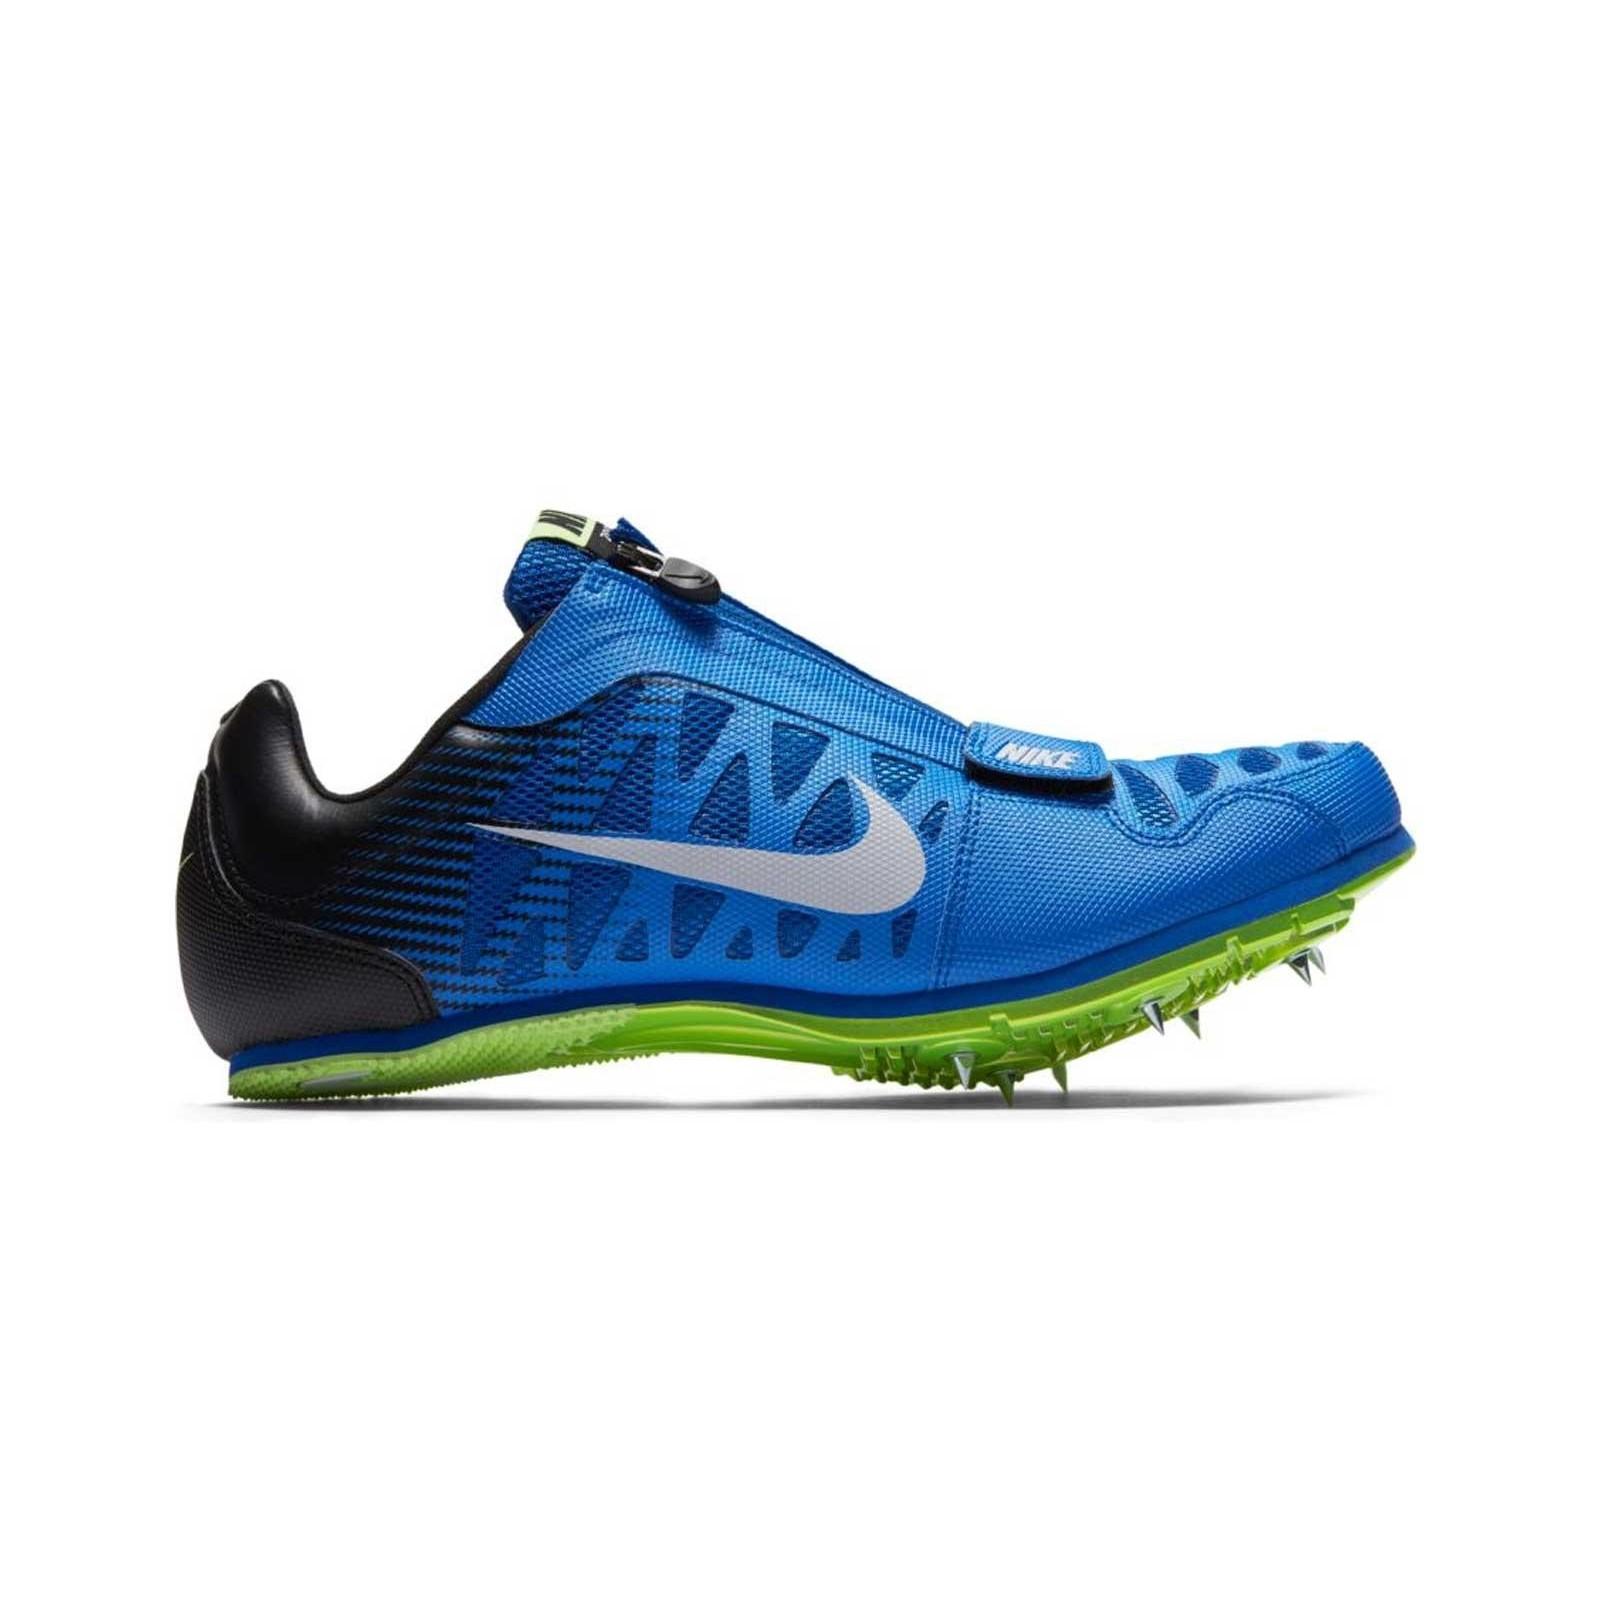 pretty nice 94836 205a0 Nike-ZOOM LJ 4. NIK415339413